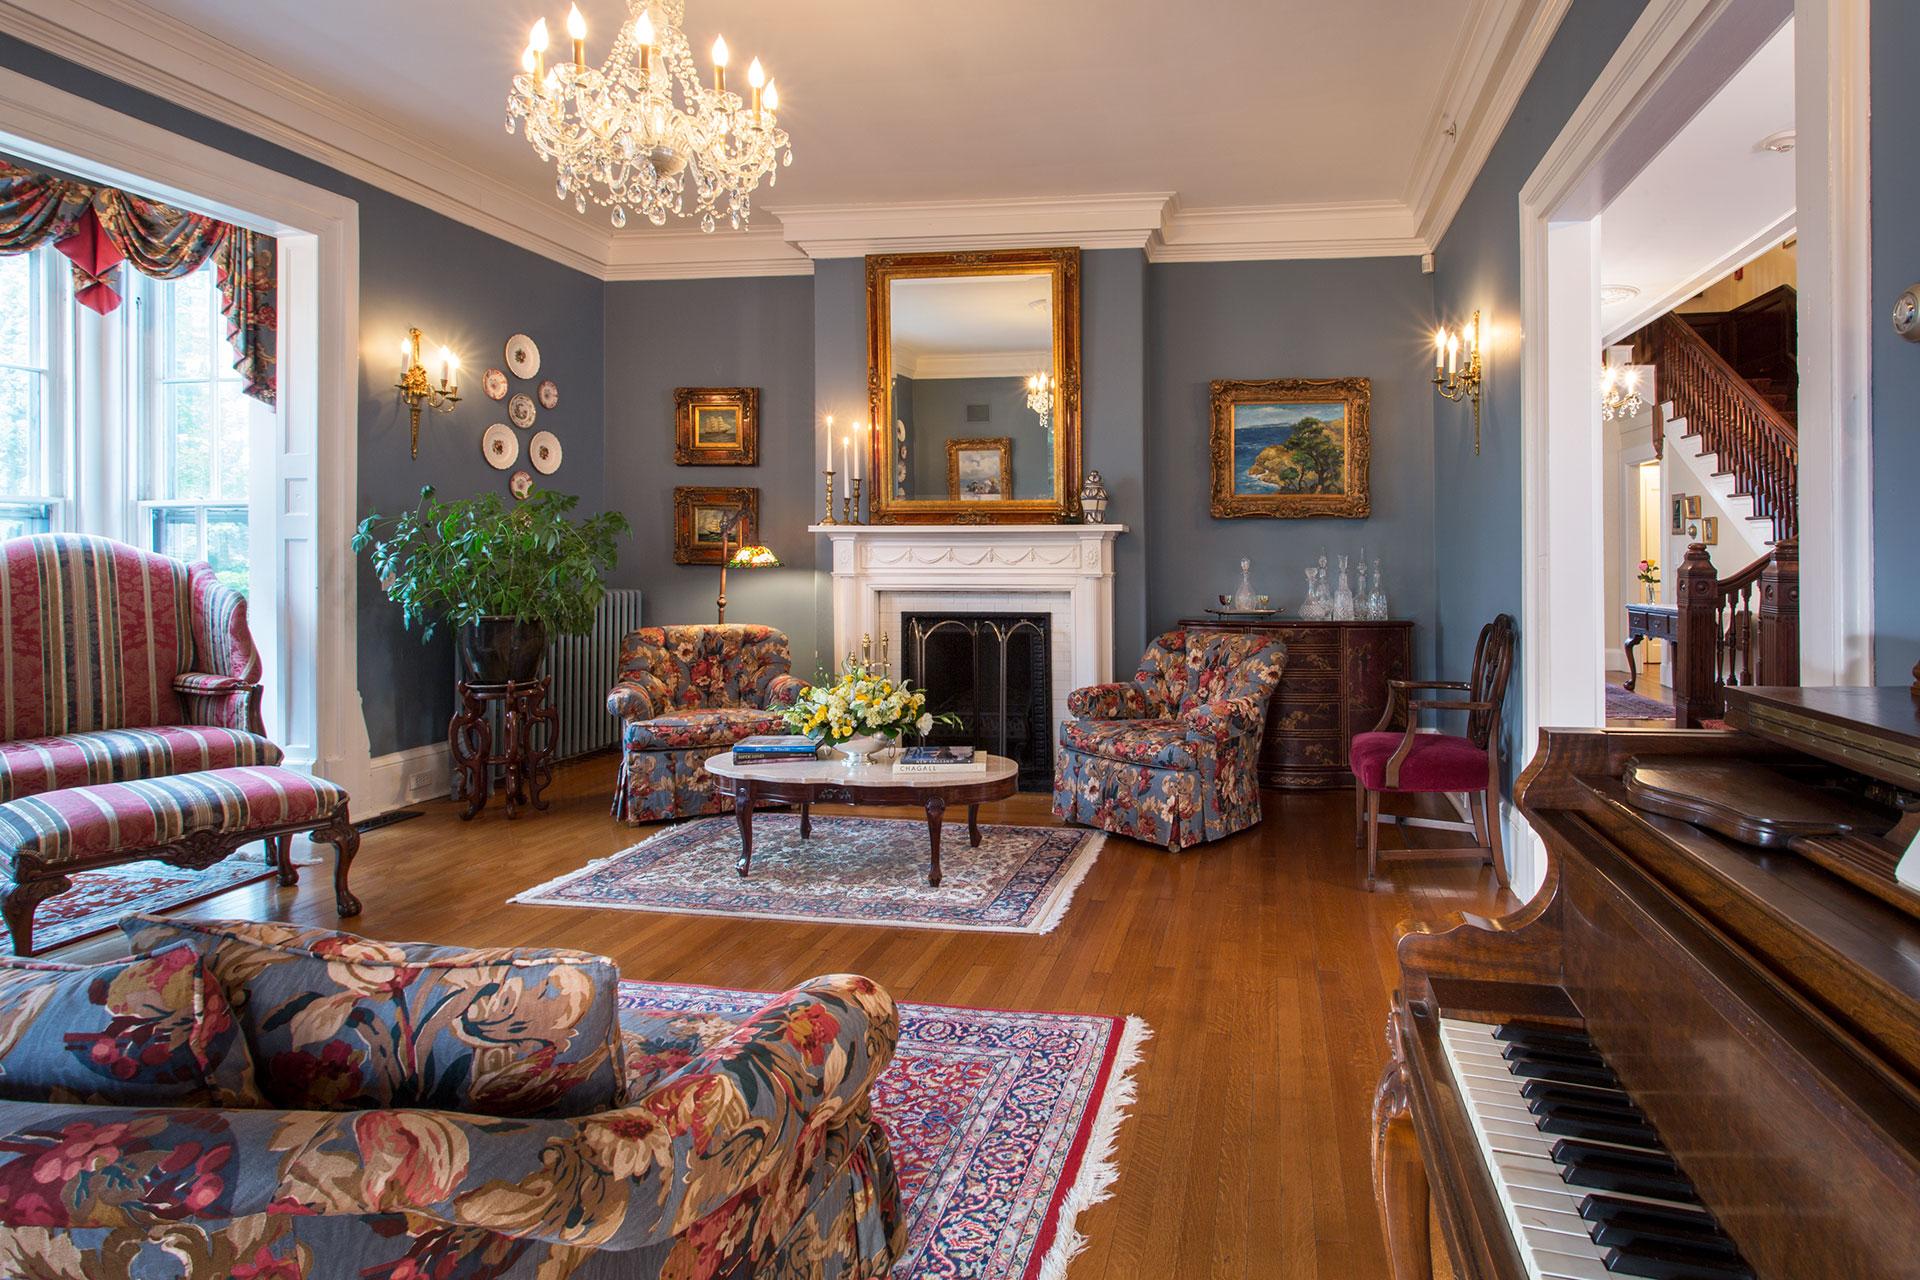 Getaway at La farge Perry House in Newport, RI